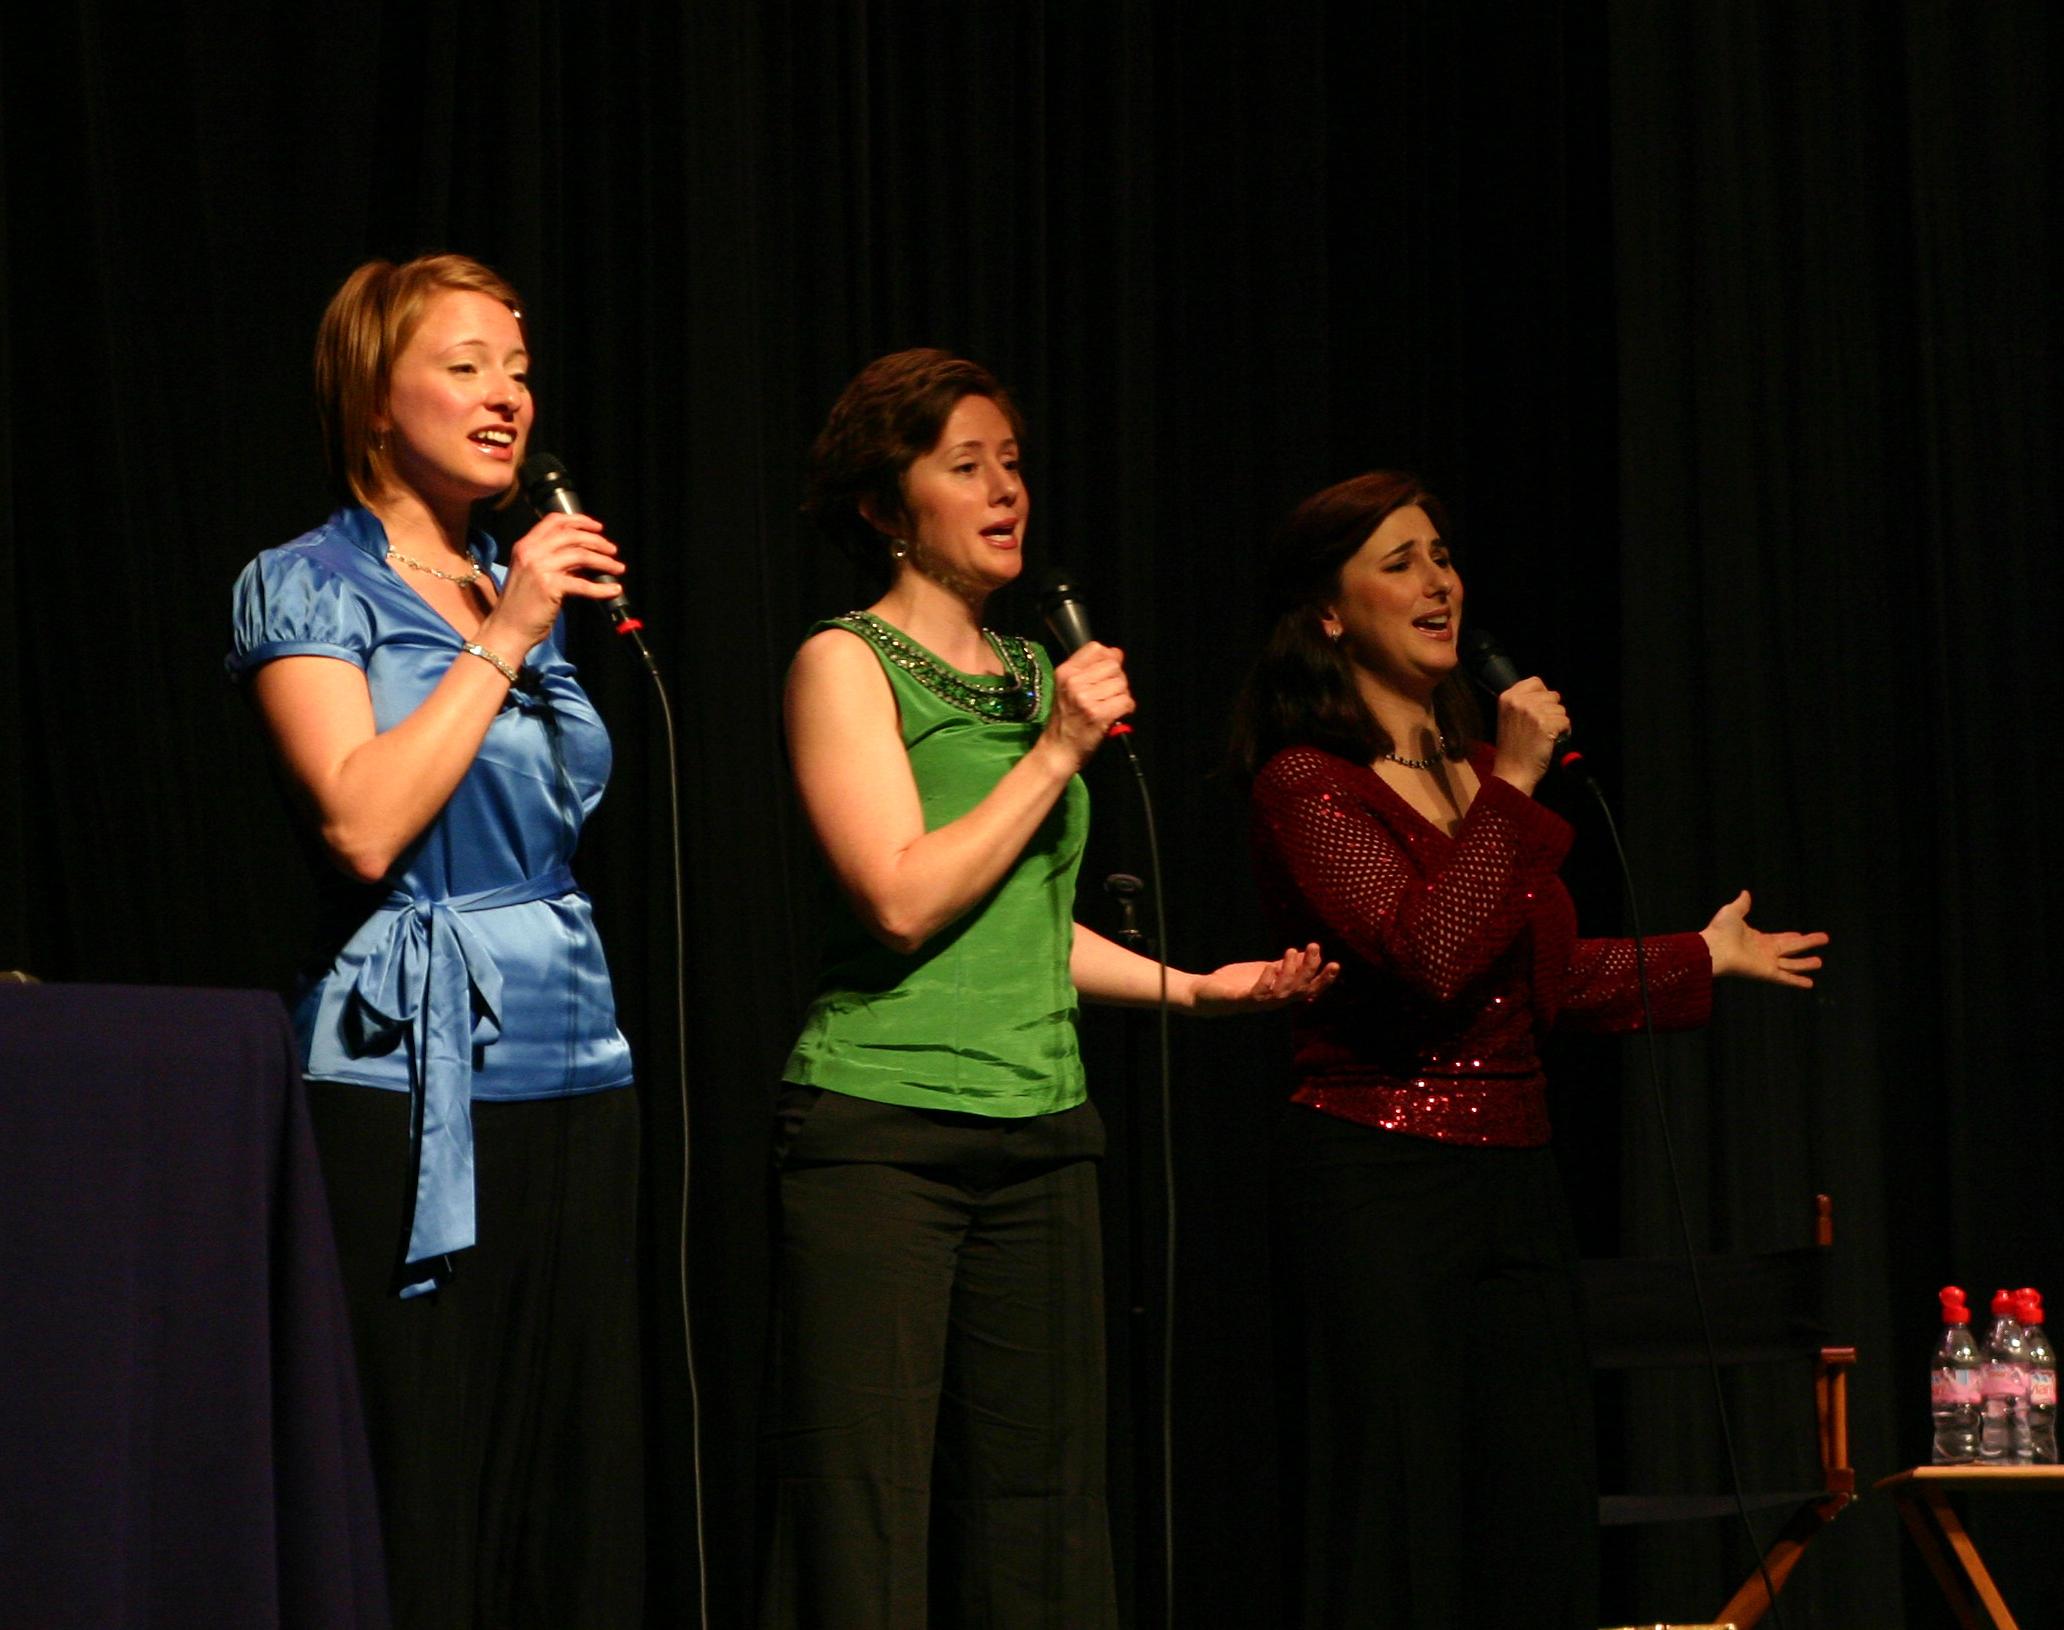 Hannah, Dinah, and Hilary